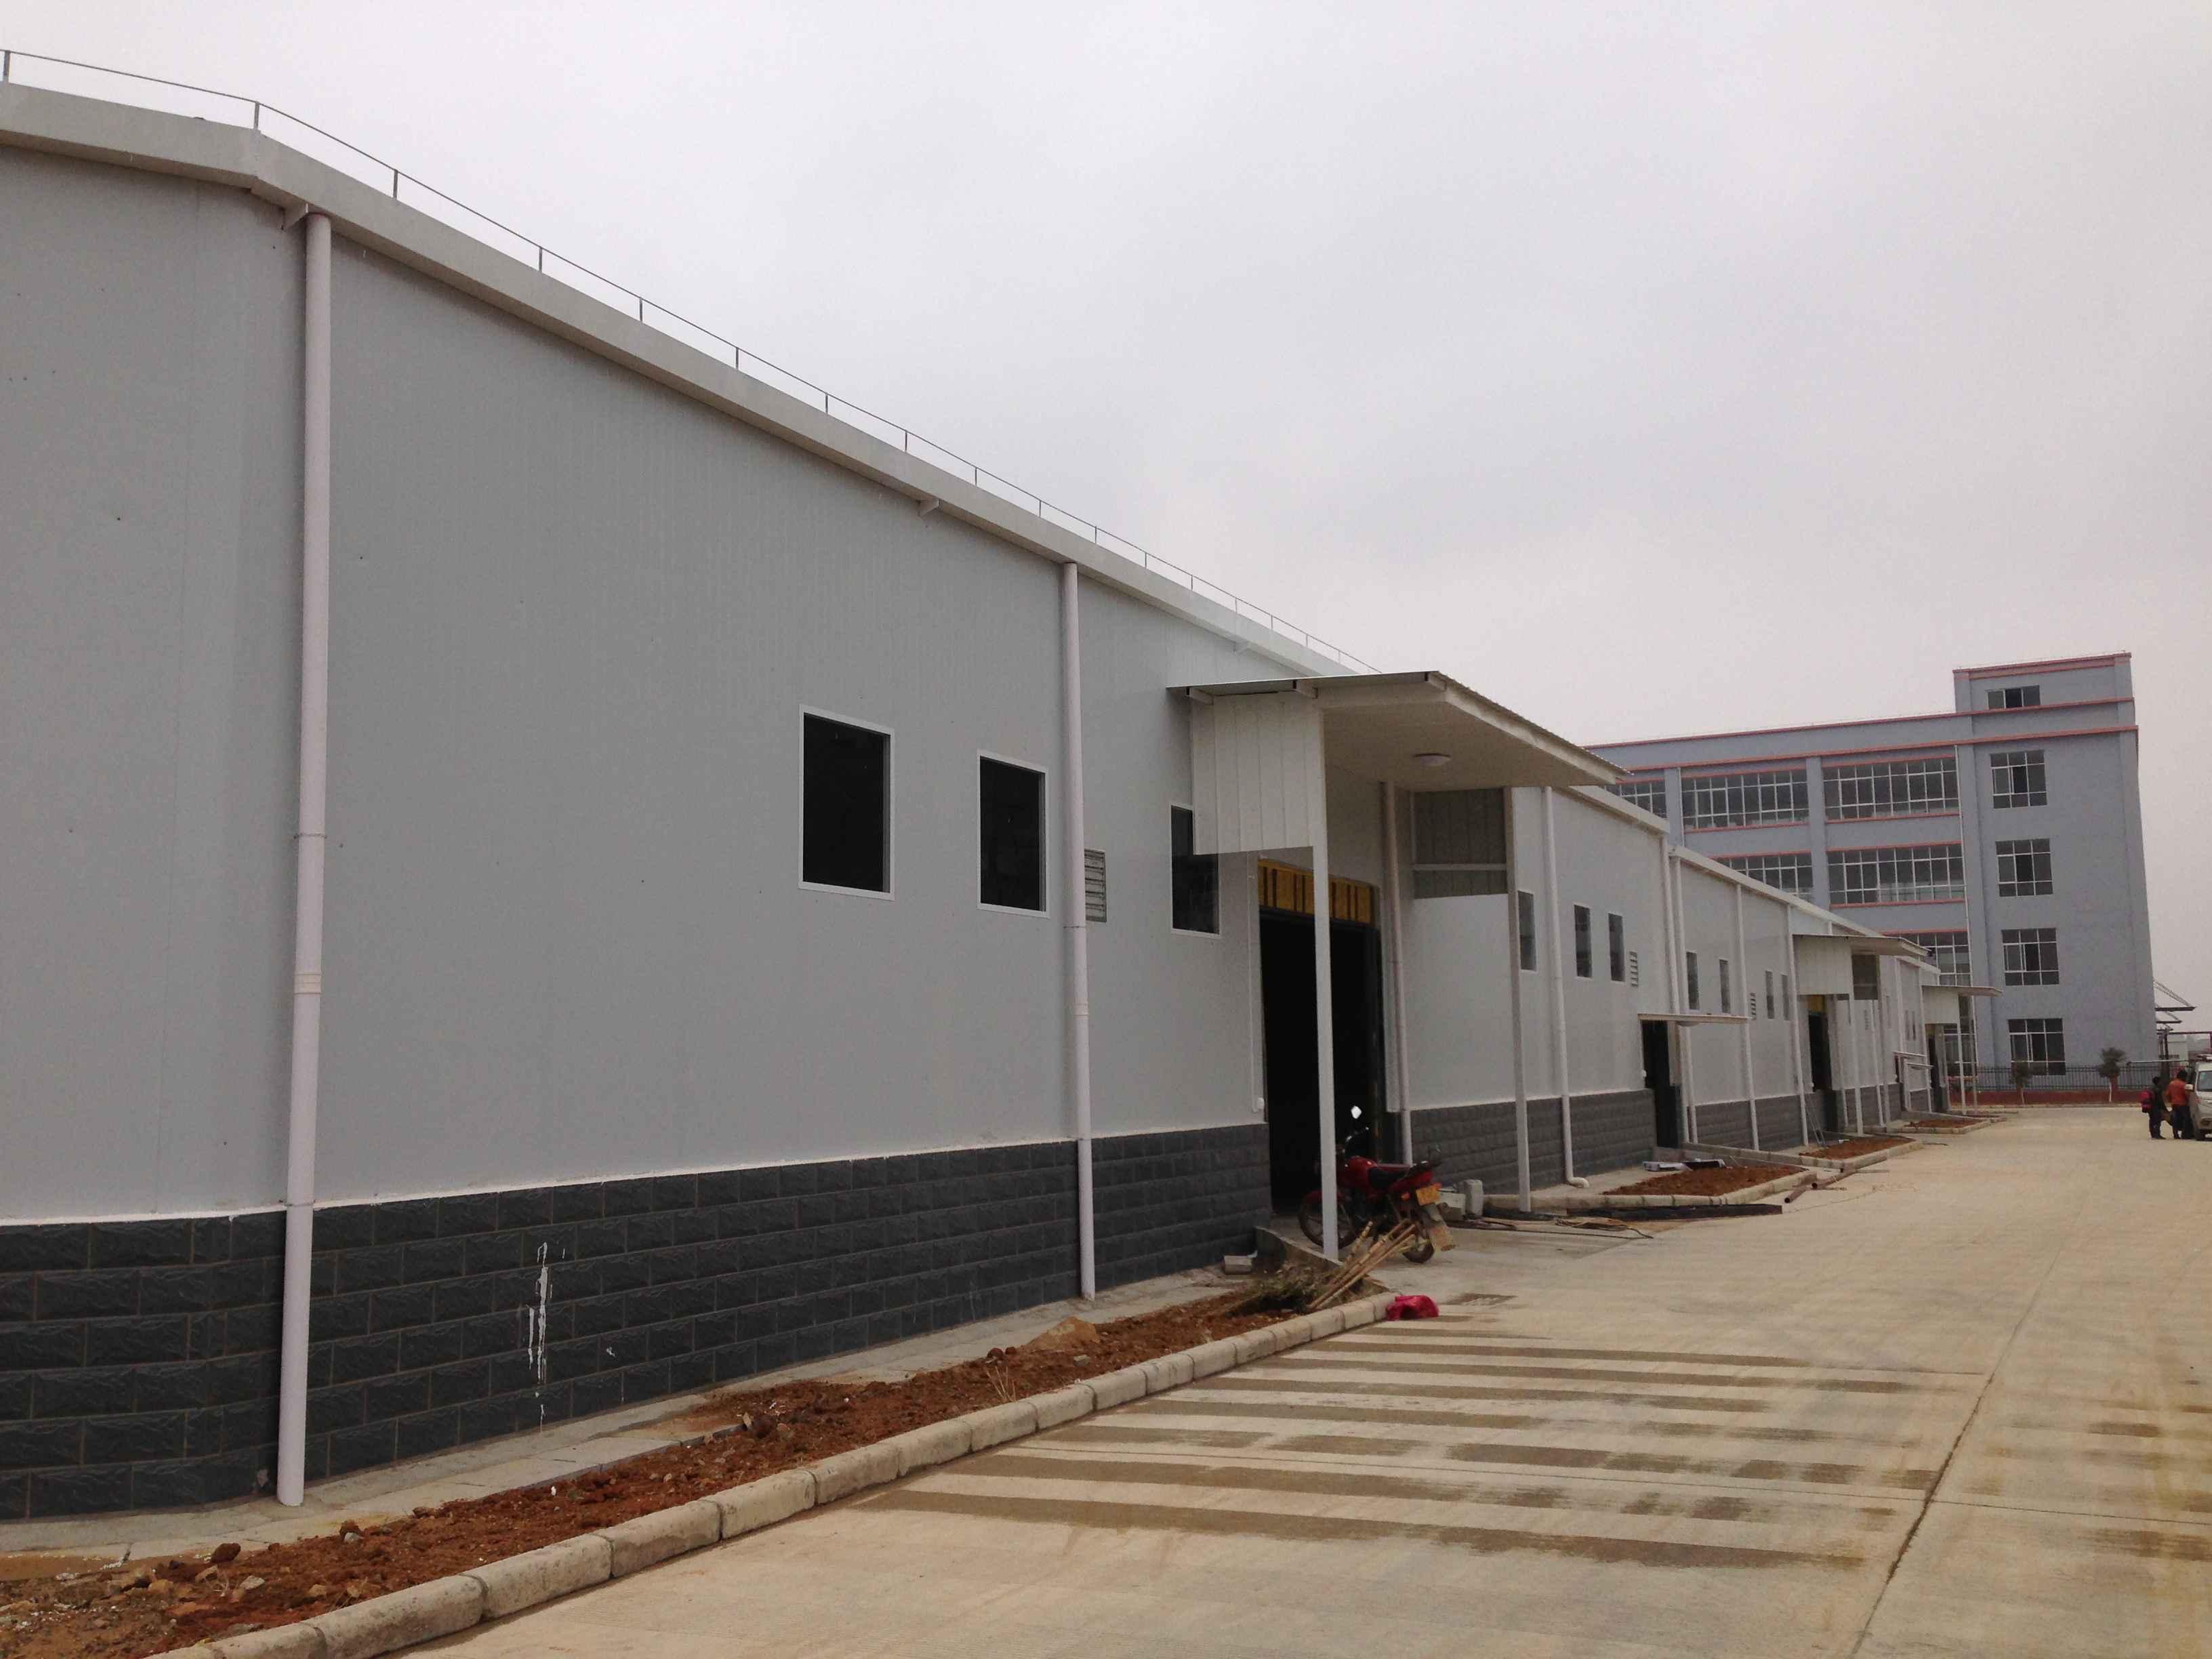 活动板房为何能成为使用较为频繁的一类建筑